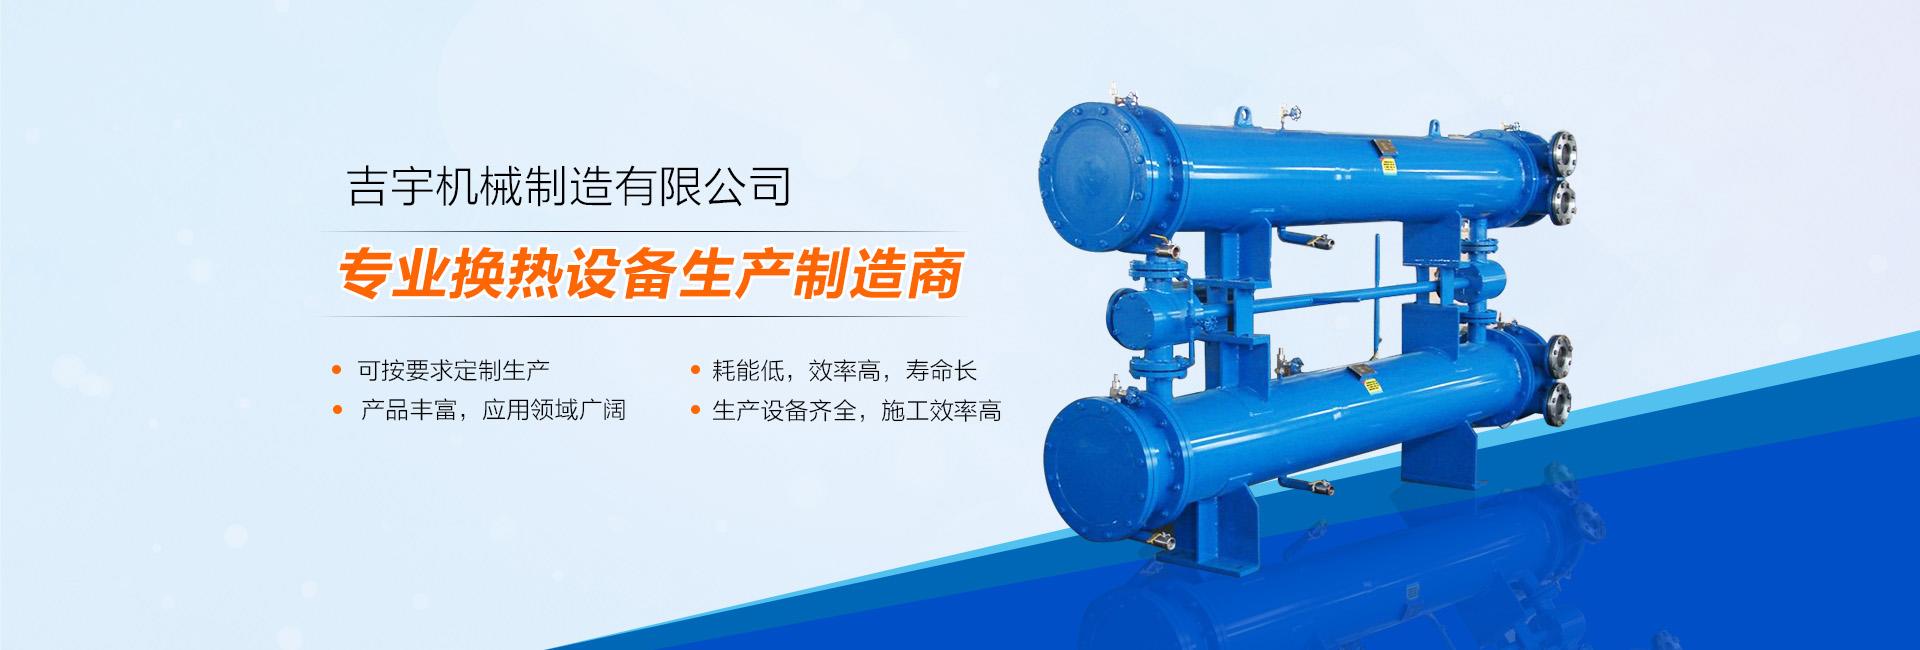 板殼式換熱器,板式換熱器設備 ,板式換熱器